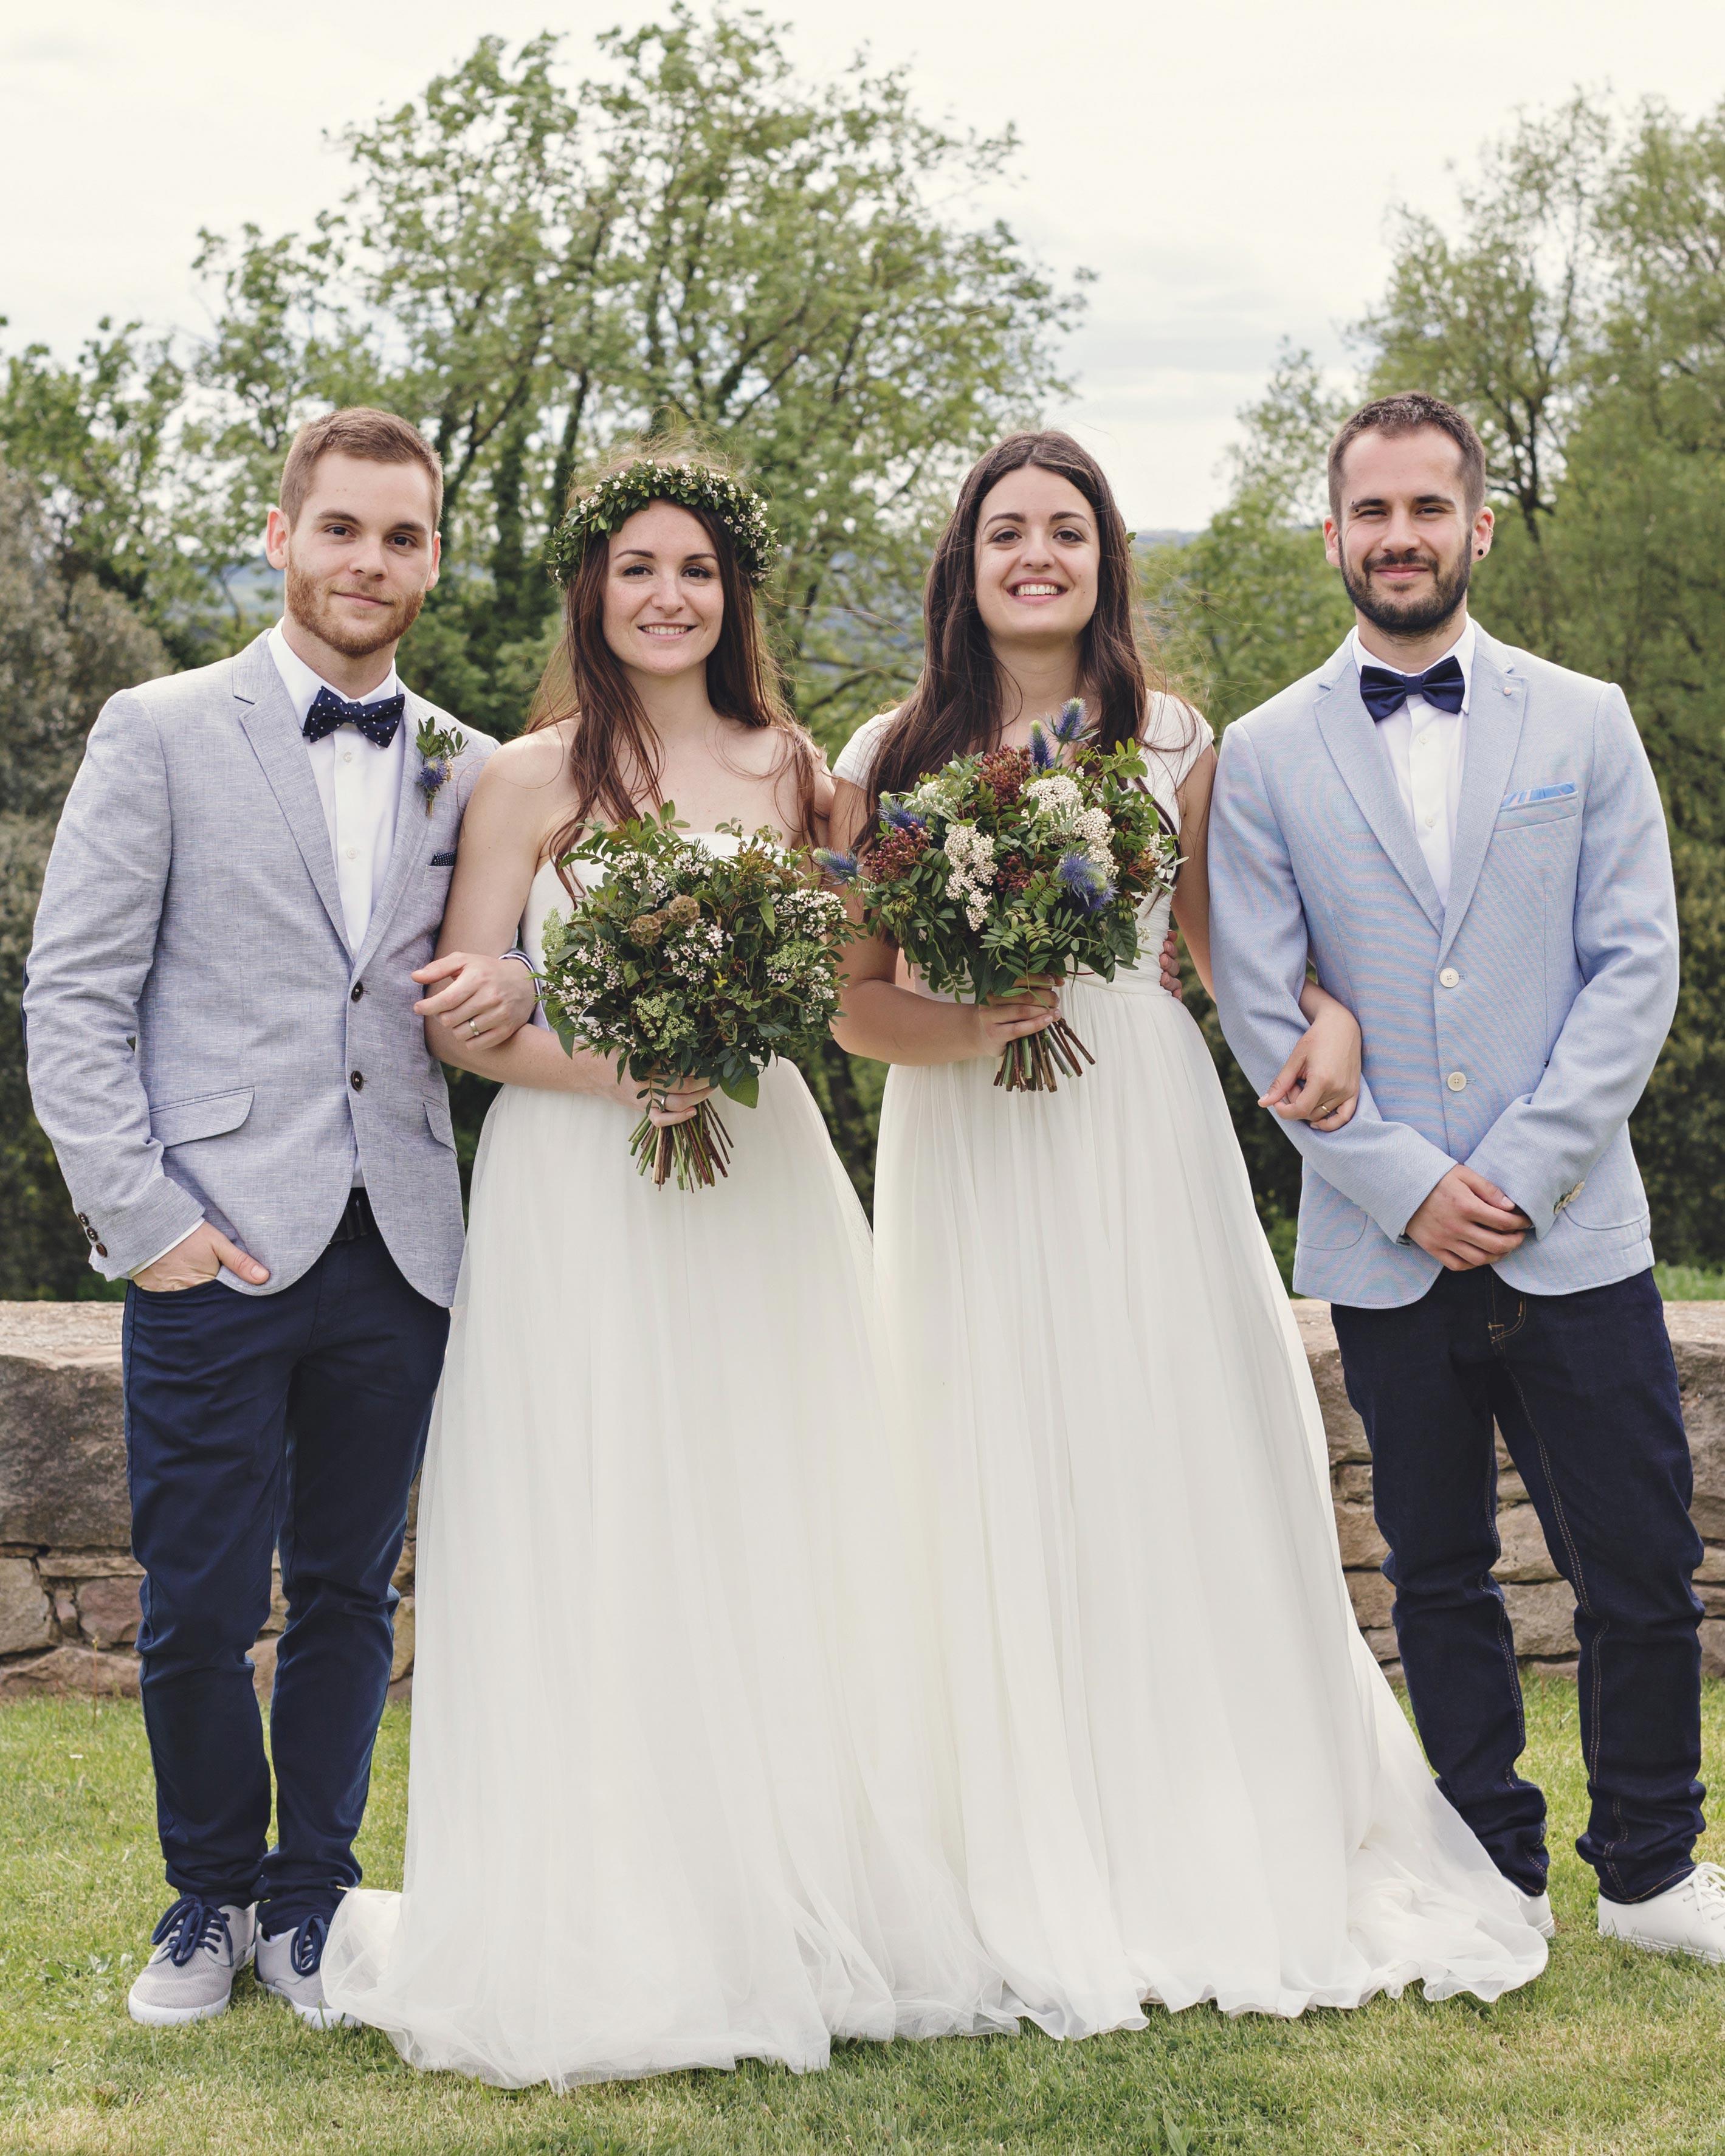 anna-ania-wedding-group-0577-s112510-0216.jpg